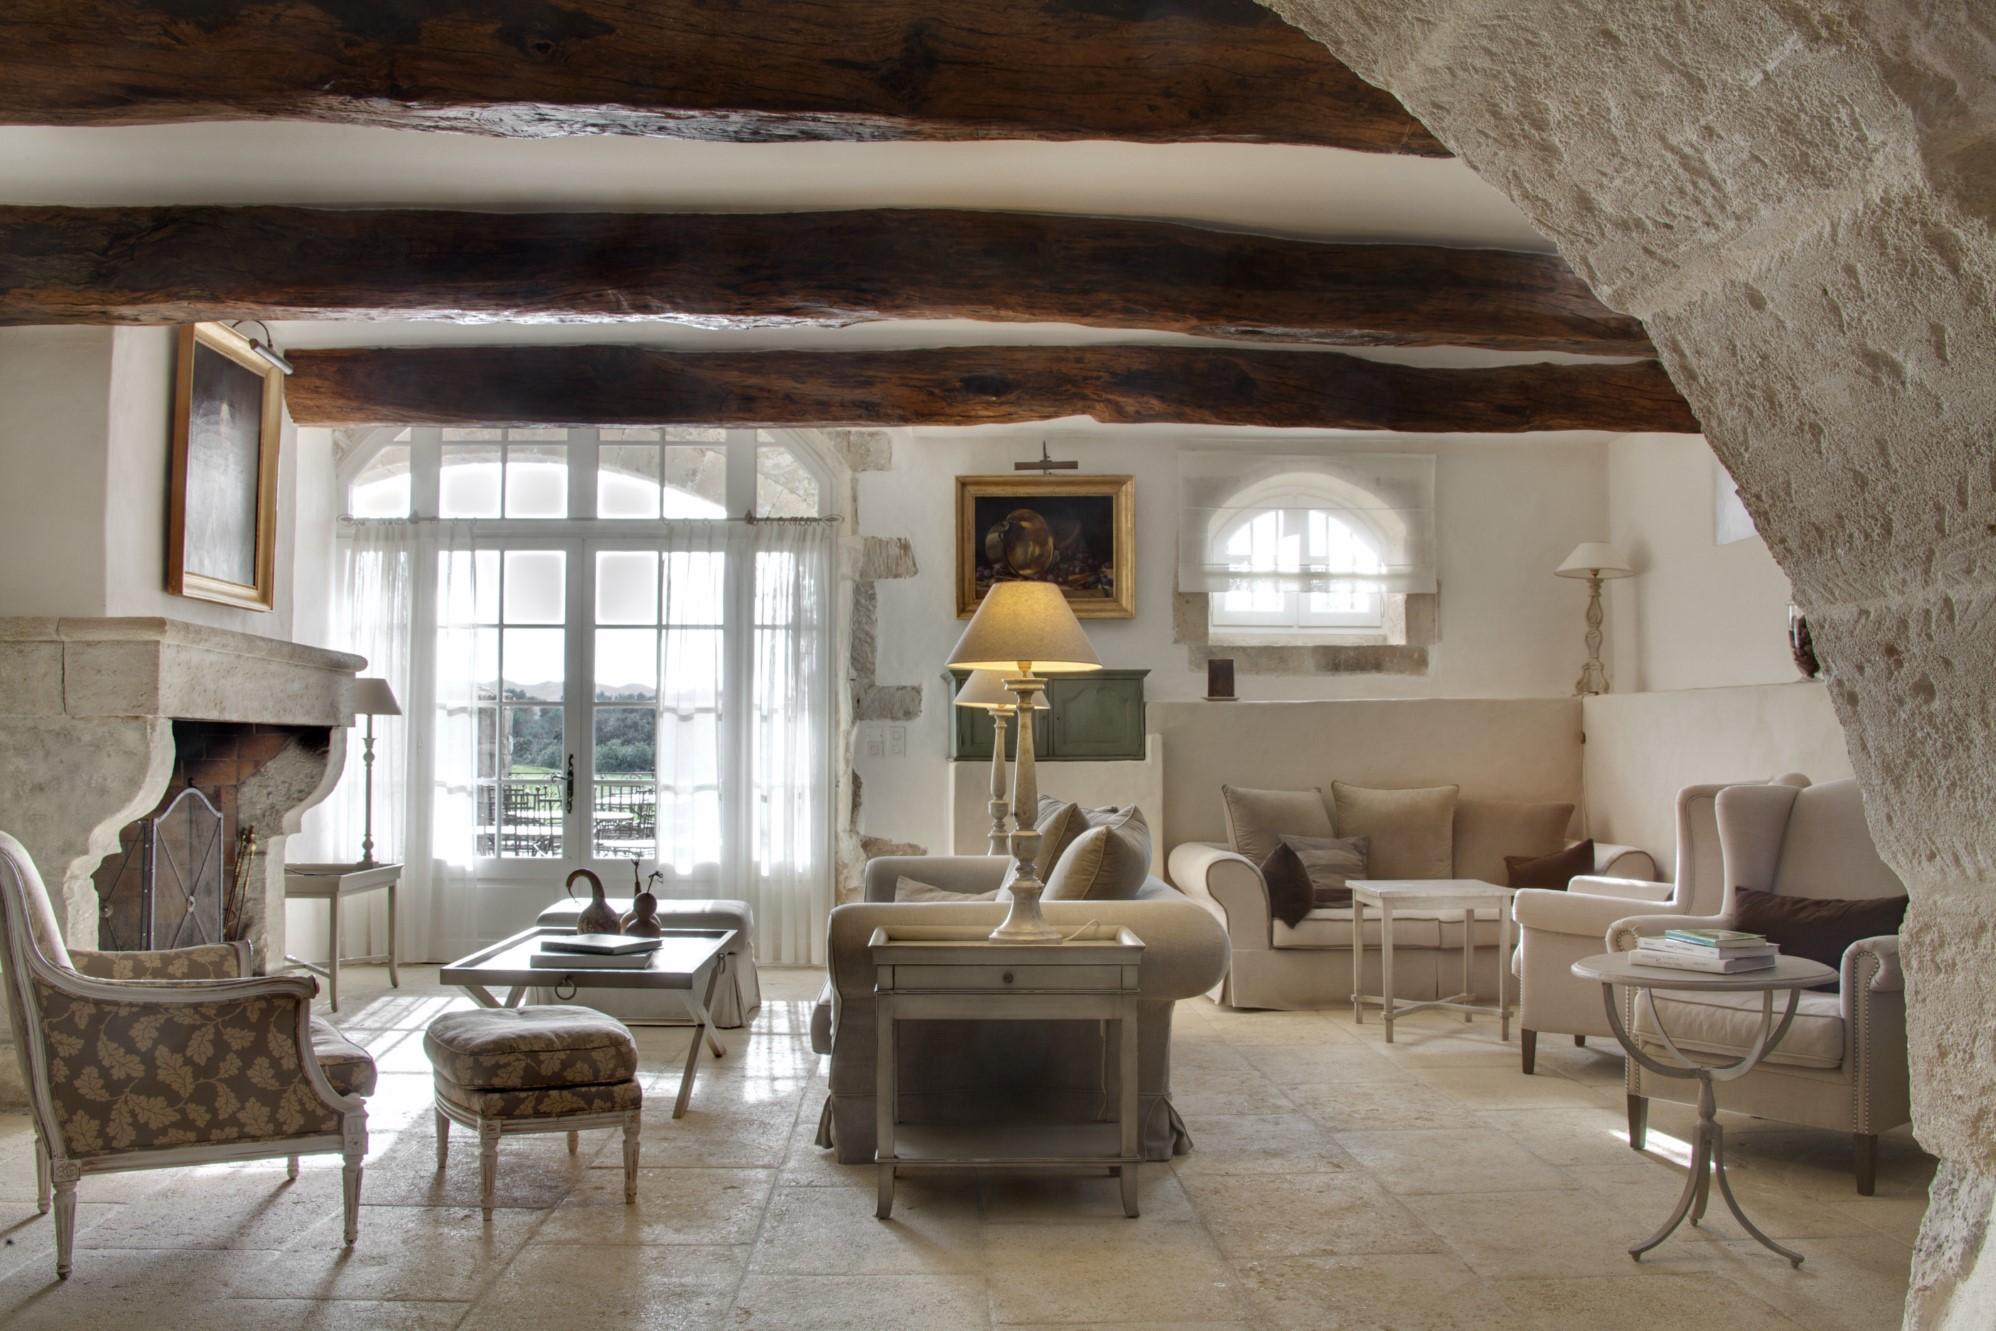 Chambres d'hôtes à vendre dans les Alpilles en Provence